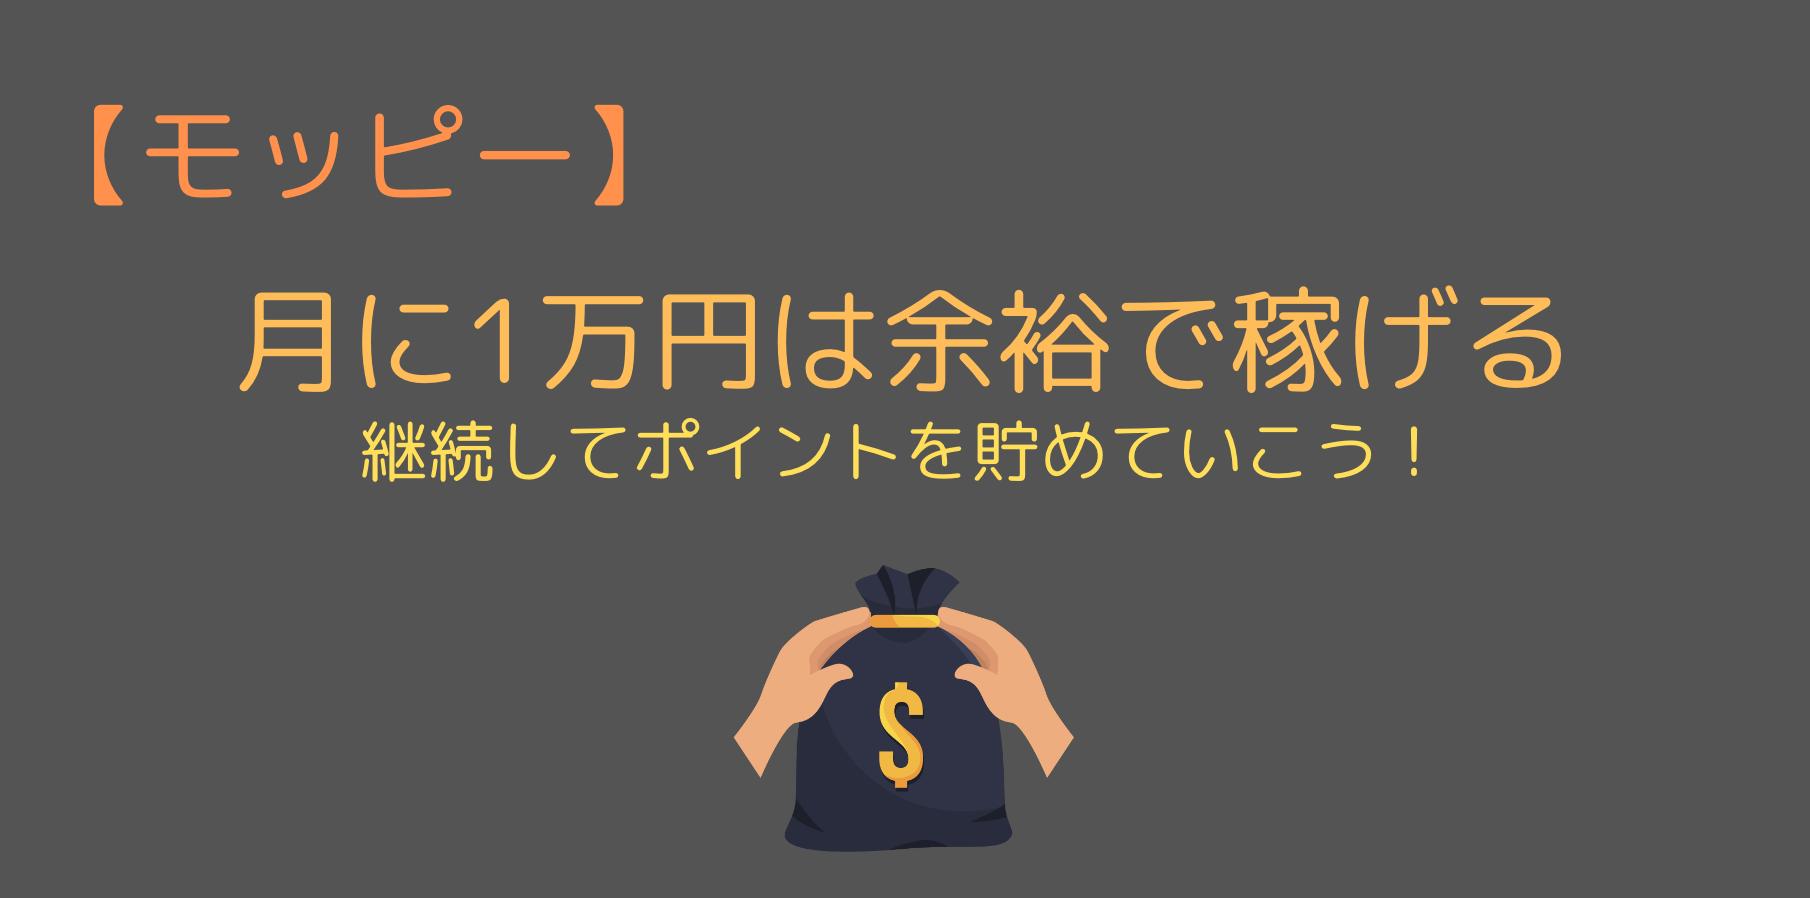 月に1万円稼いでみるには?